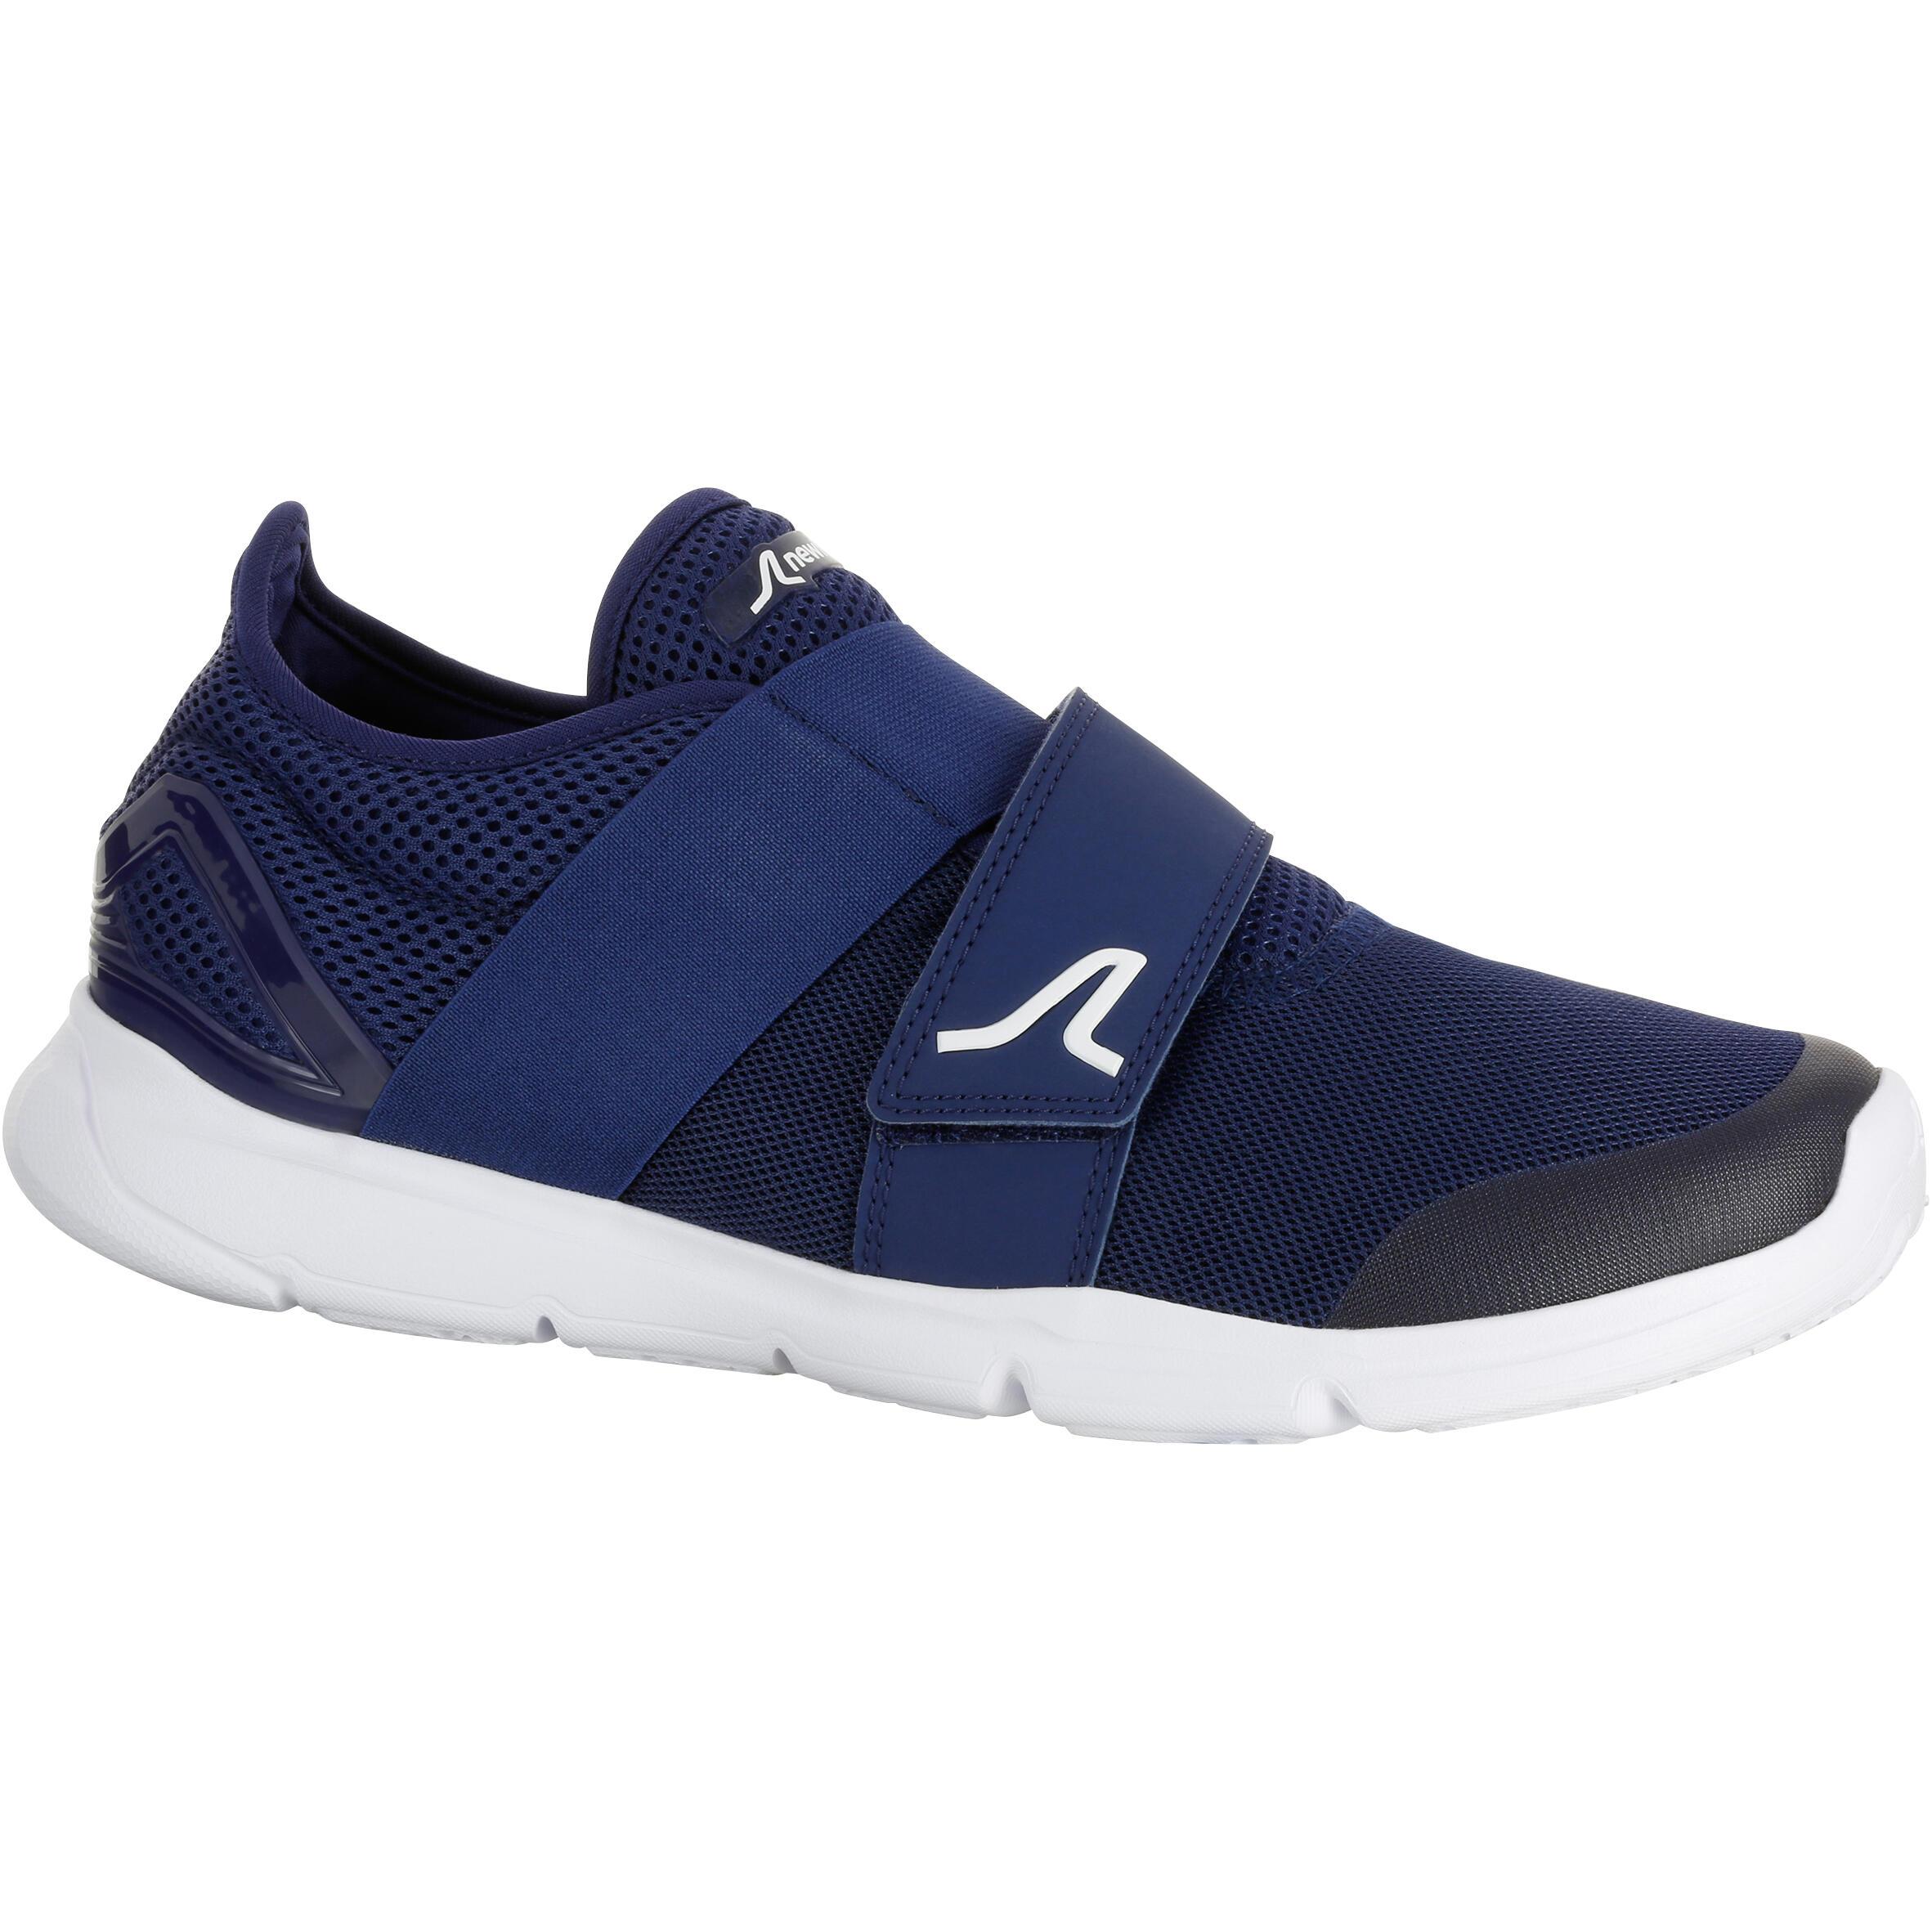 Chaussures marche sportive homme Soft 180 strap bleu foncé / blanc